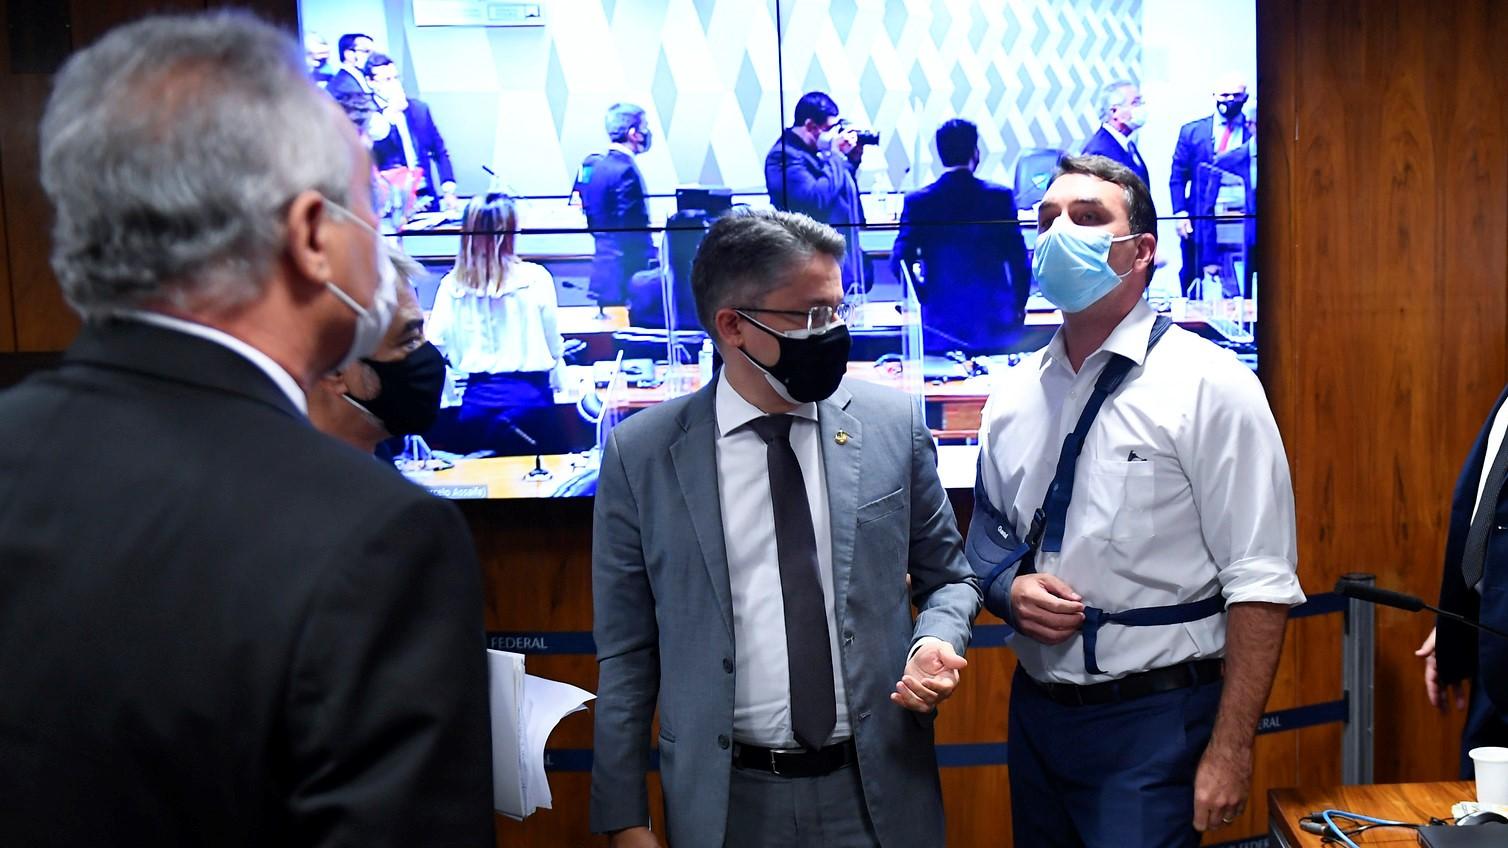 IMAGEM: Flávio pede destituição de Renan da relatoria da CPI e o compara a Deltan